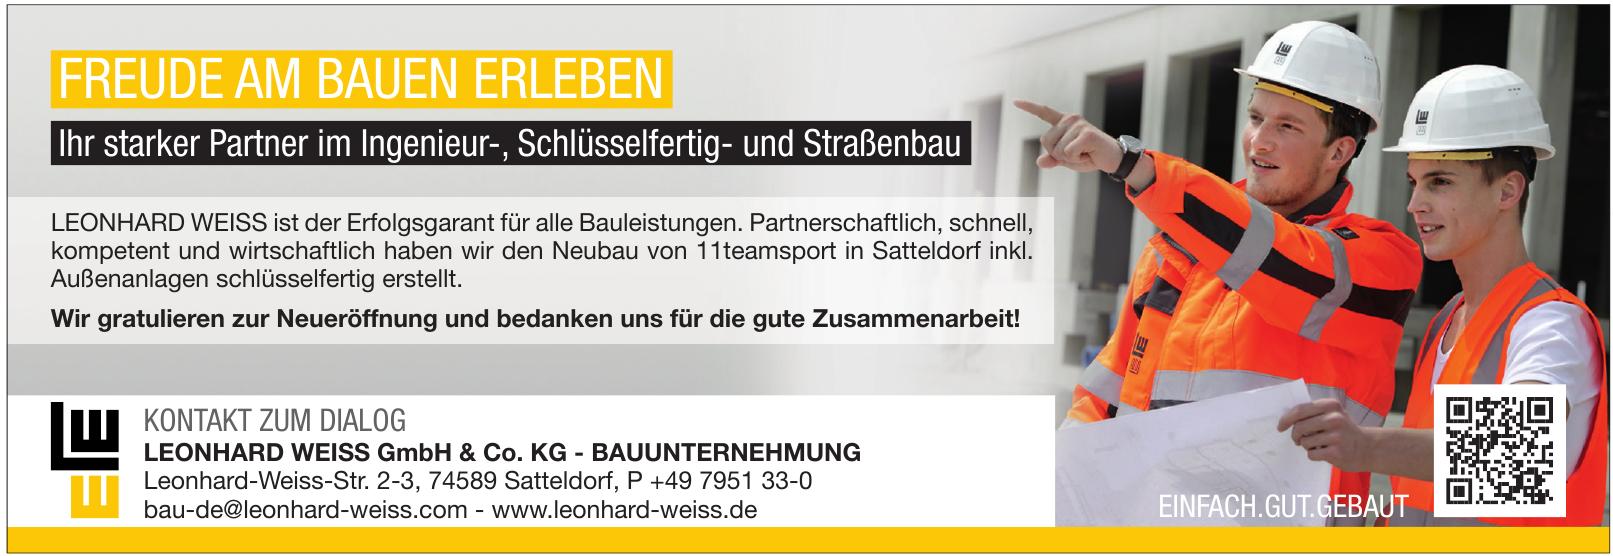 Leonhard Weiss GmbH & Co. KG - Bauunternehmung